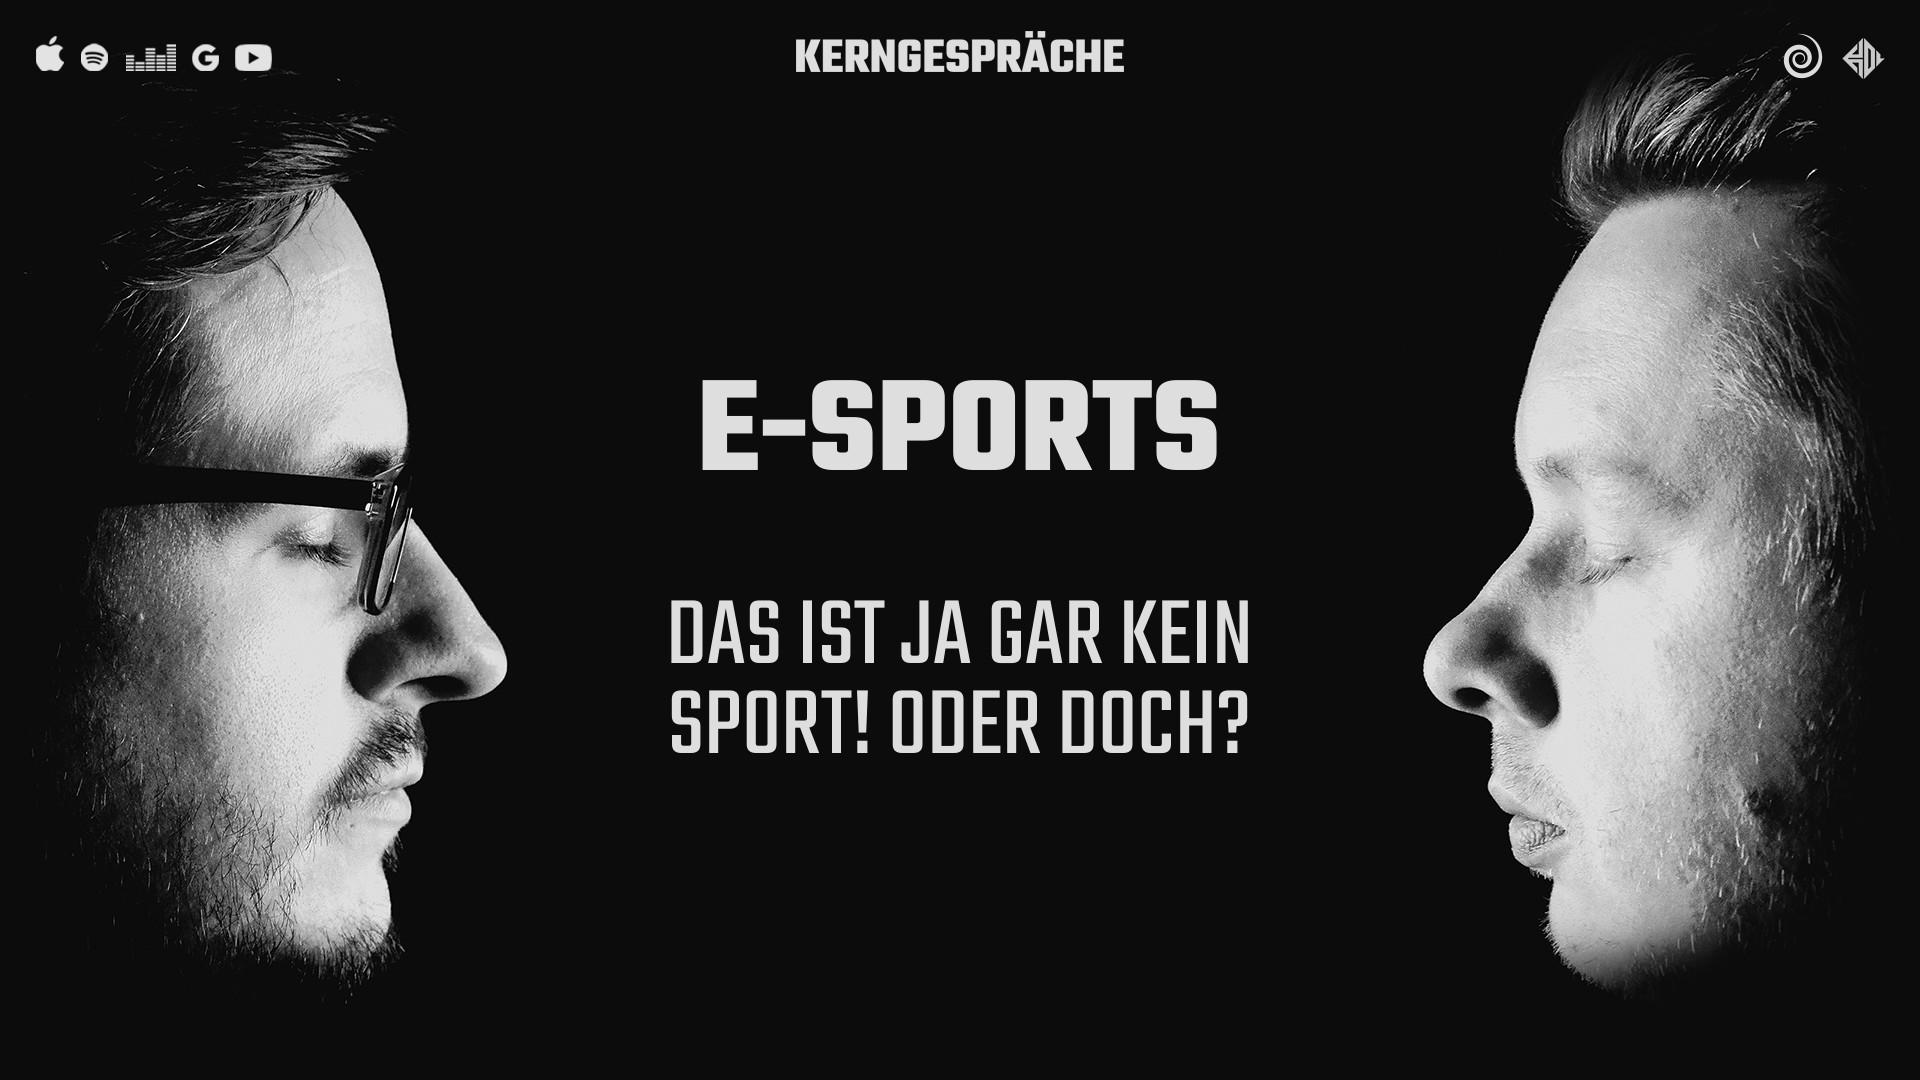 E-Sports: Das ist ja gar kein Sport! Oder doch?